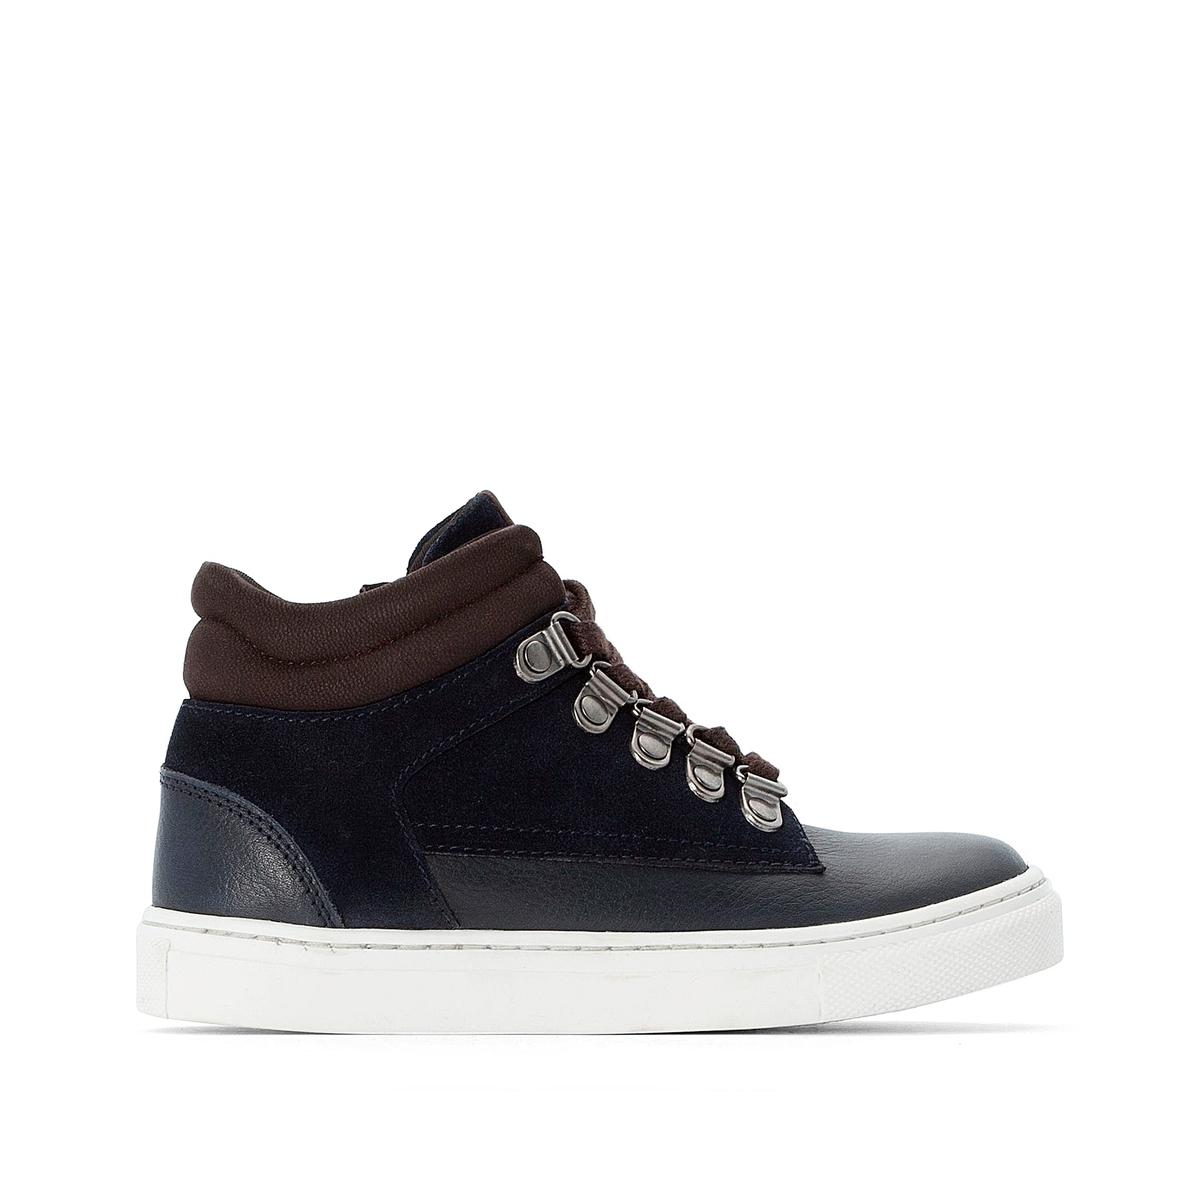 Кеды La Redoute Кожаные на шнуровке в горном стиле размеры - 26 синий